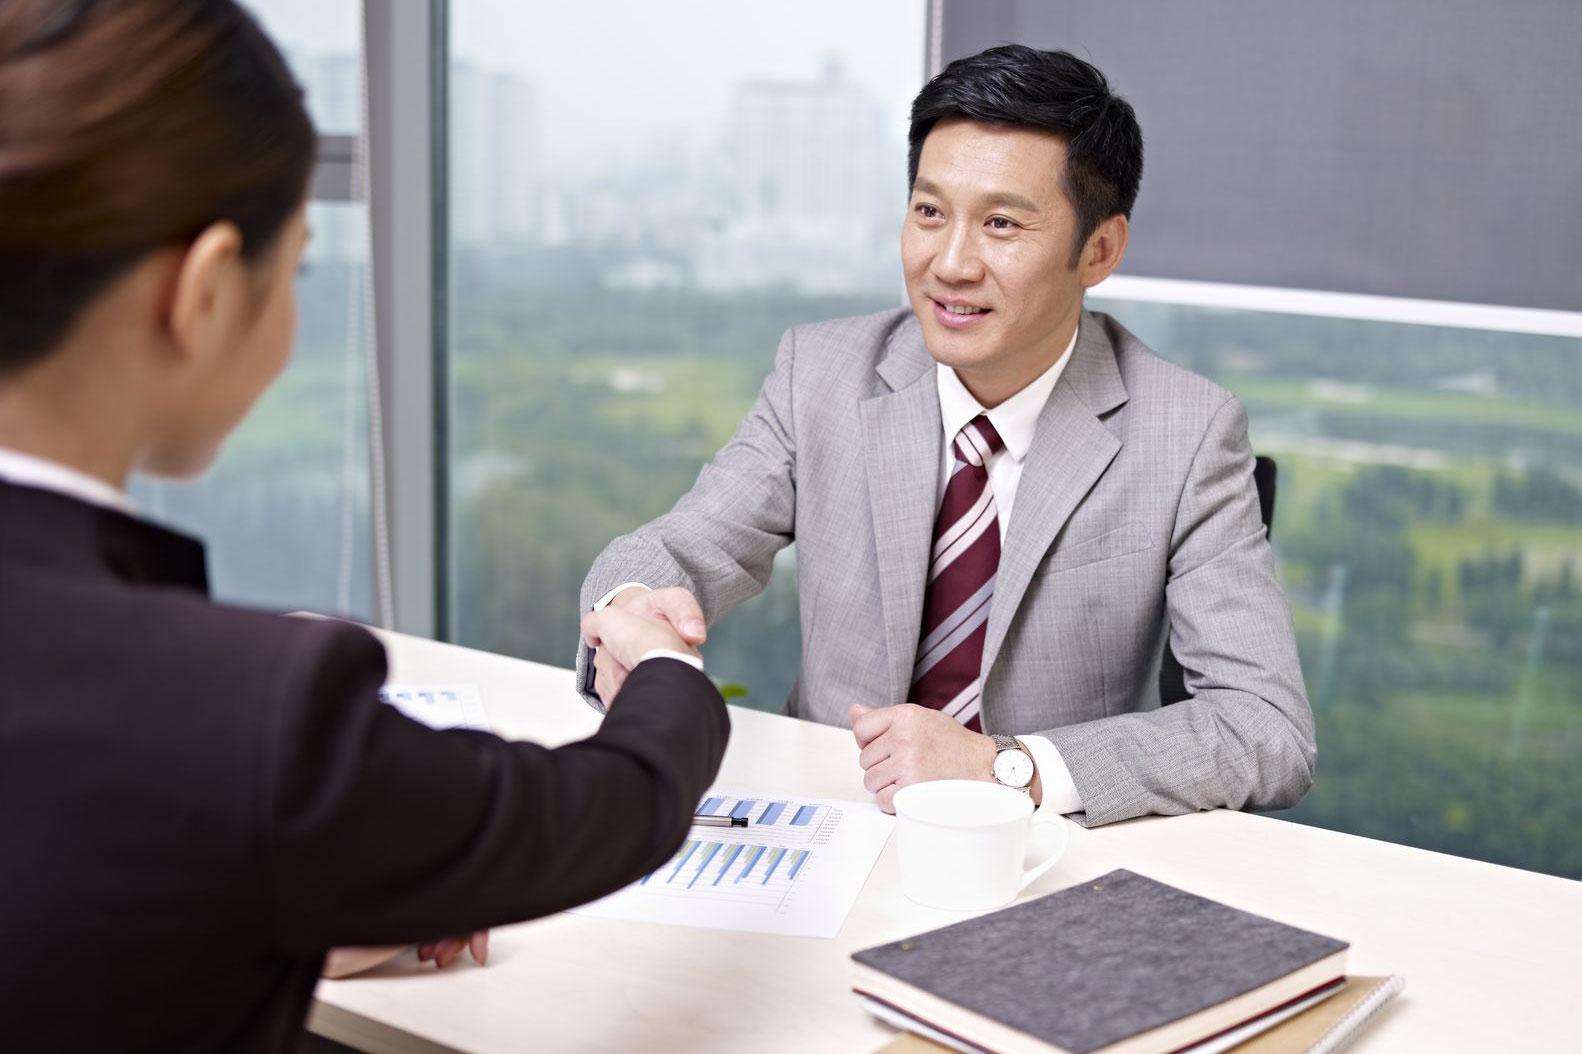 Kỹ năng tìm việc ưng ý & trả lời phỏng vấn thông minh